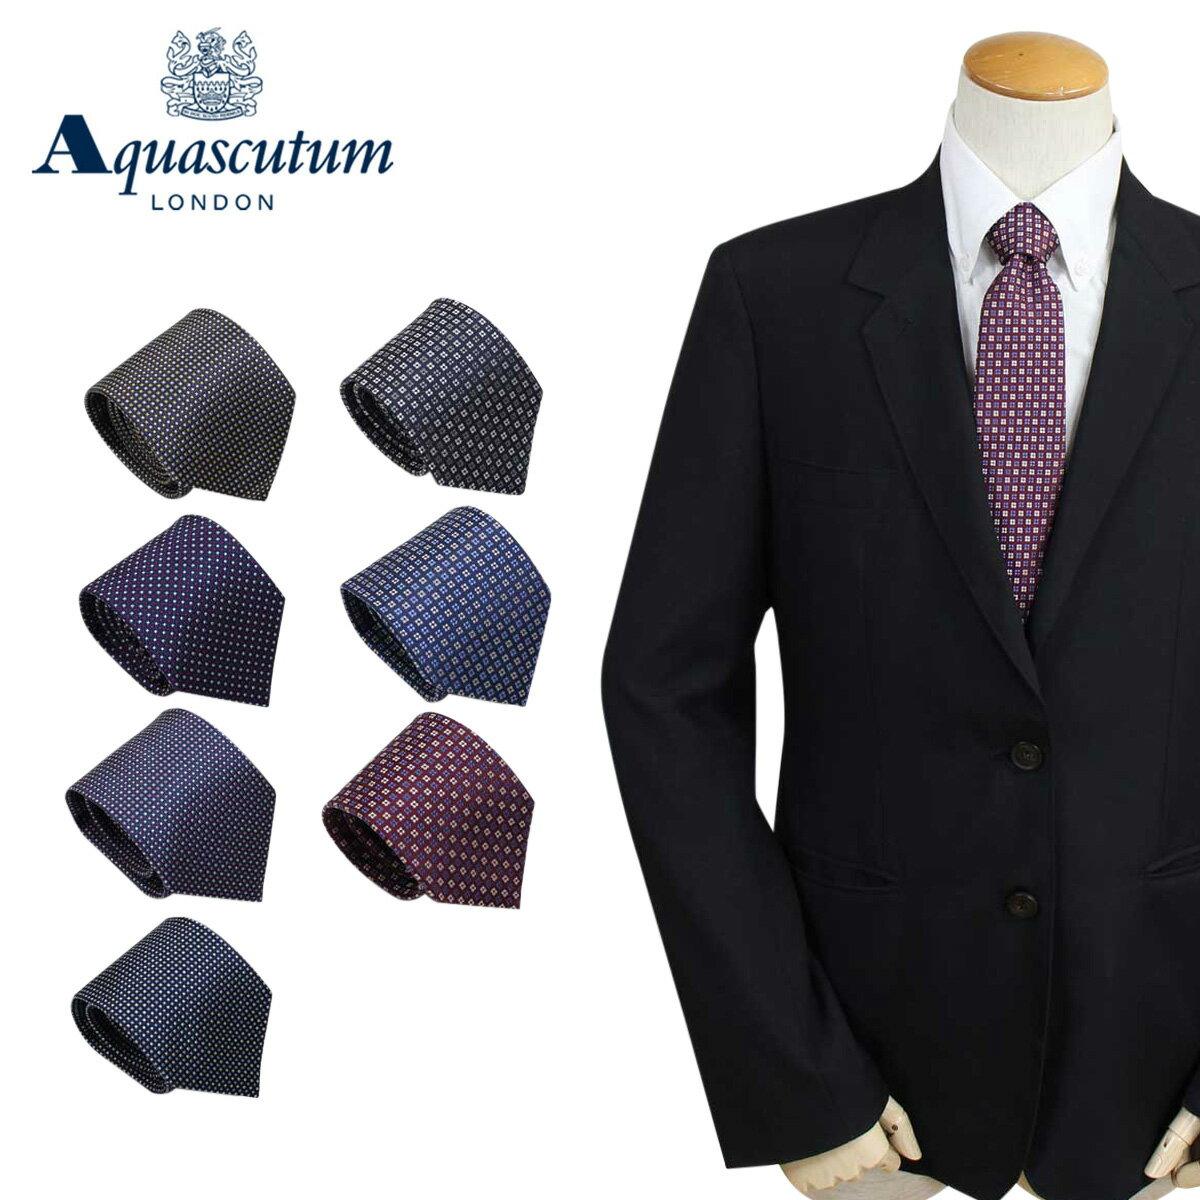 AQUASCUTUM アクアスキュータム ネクタイ イタリア製 シルク ビジネス 結婚式 メンズ [4/24 追加入荷]